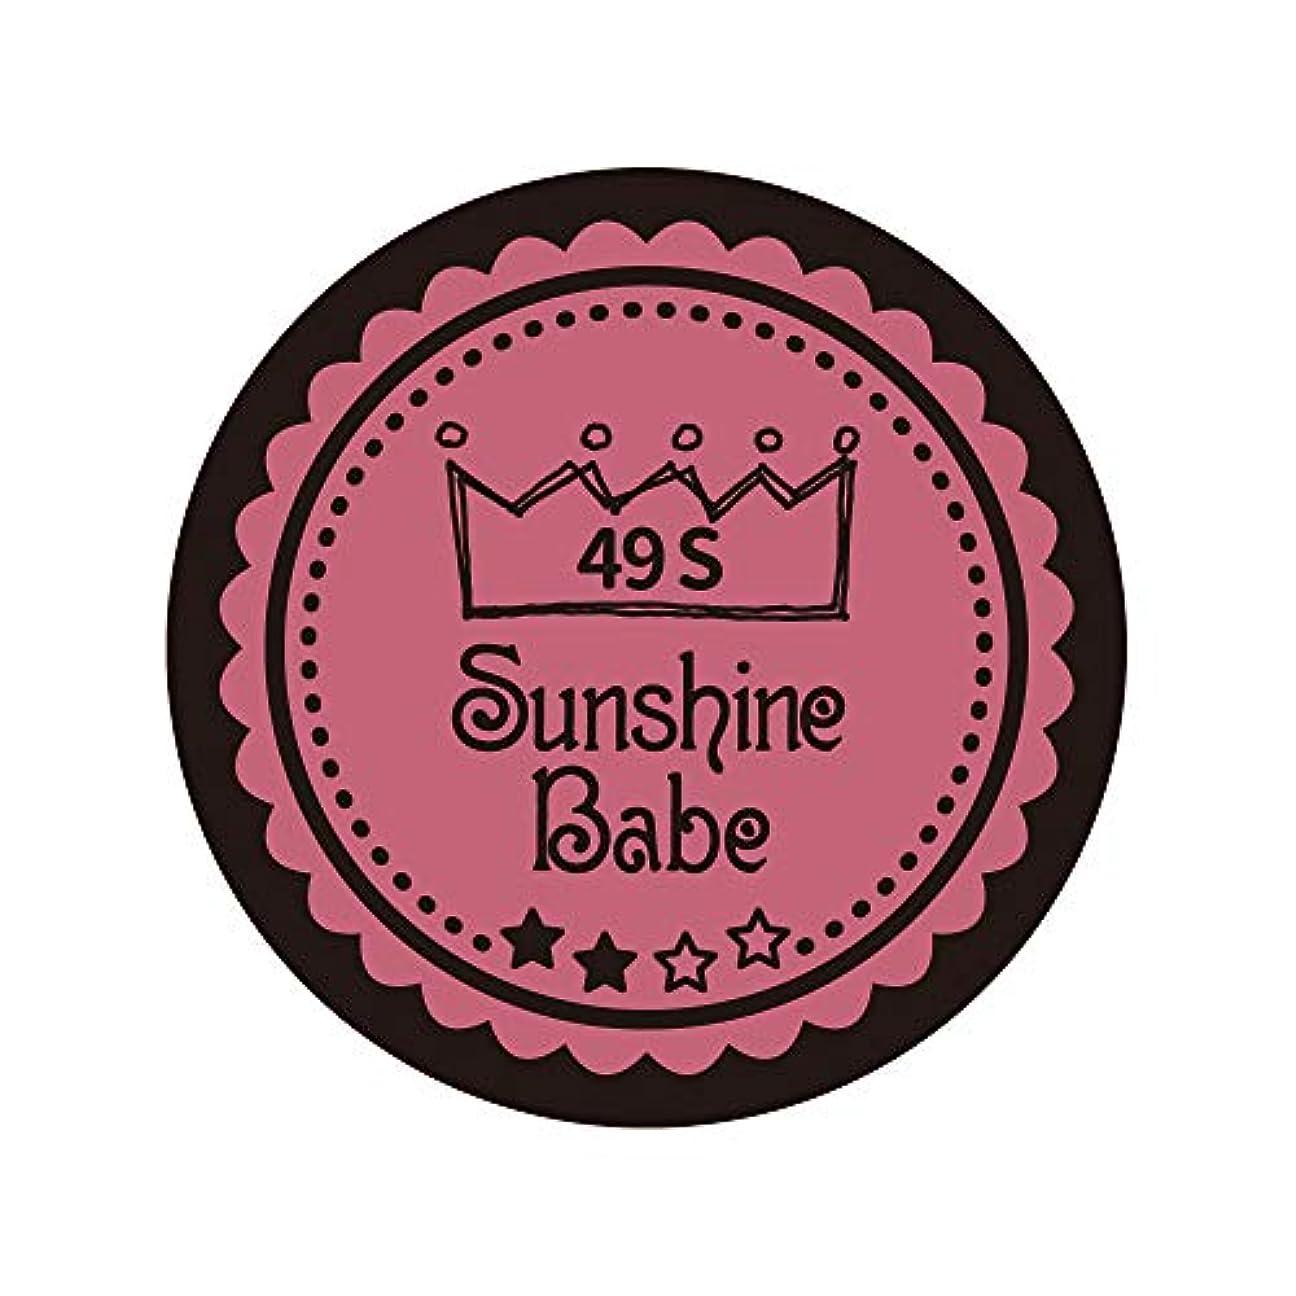 ストラップ三角形盗賊Sunshine Babe カラージェル 49S カシミアピンク 2.7g UV/LED対応